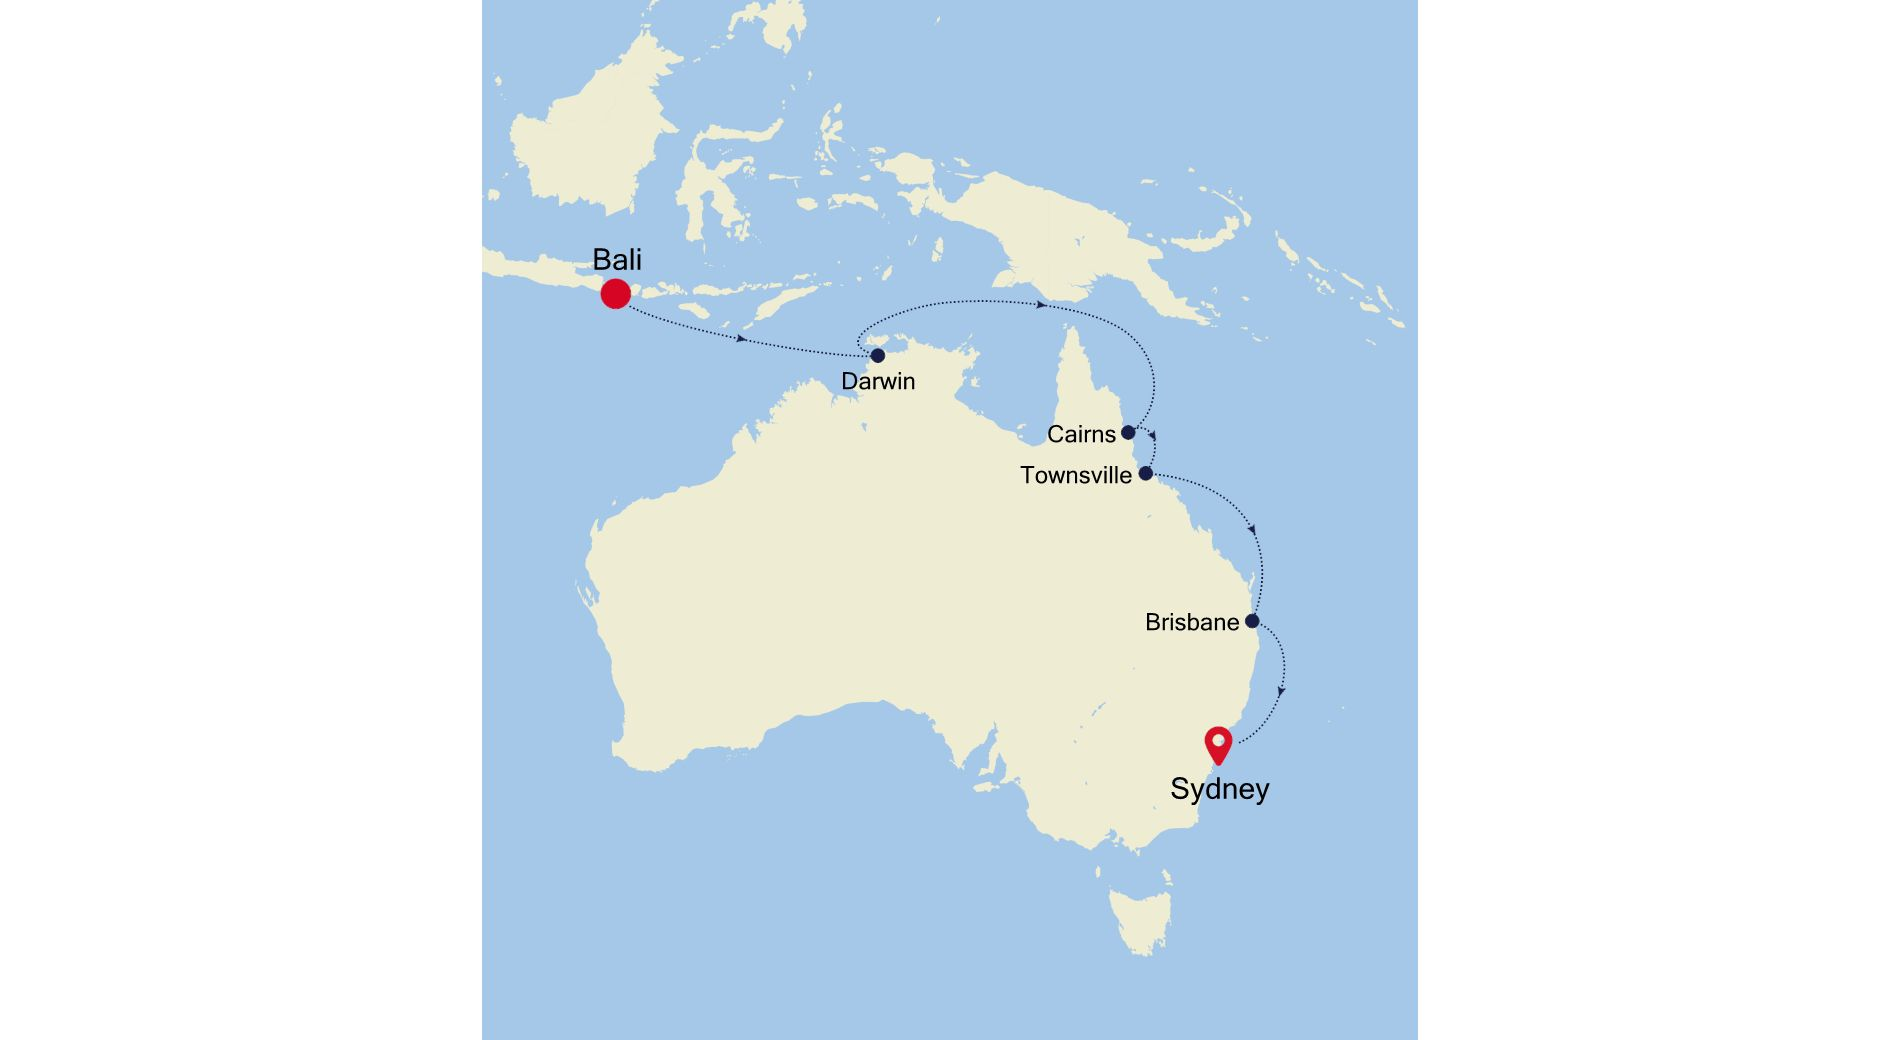 6930B - Bali nach Sydney